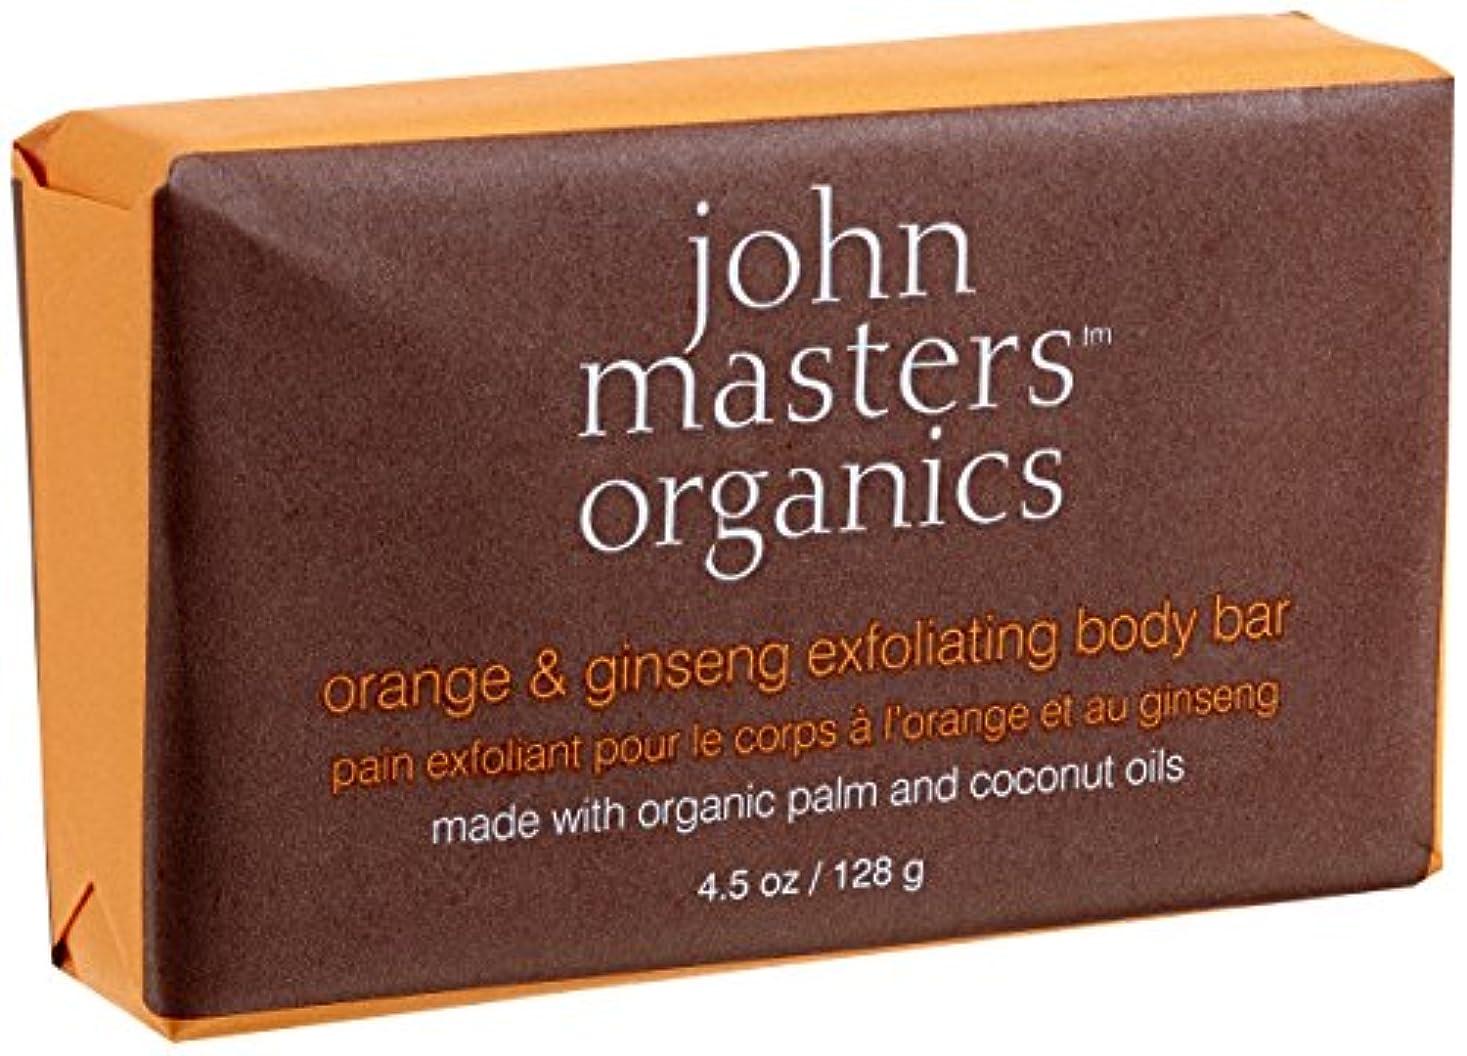 質量葉割り込みジョンマスターオーガニック オレンジ&ジンセンエクスフォリエイティングボディソープ 128g